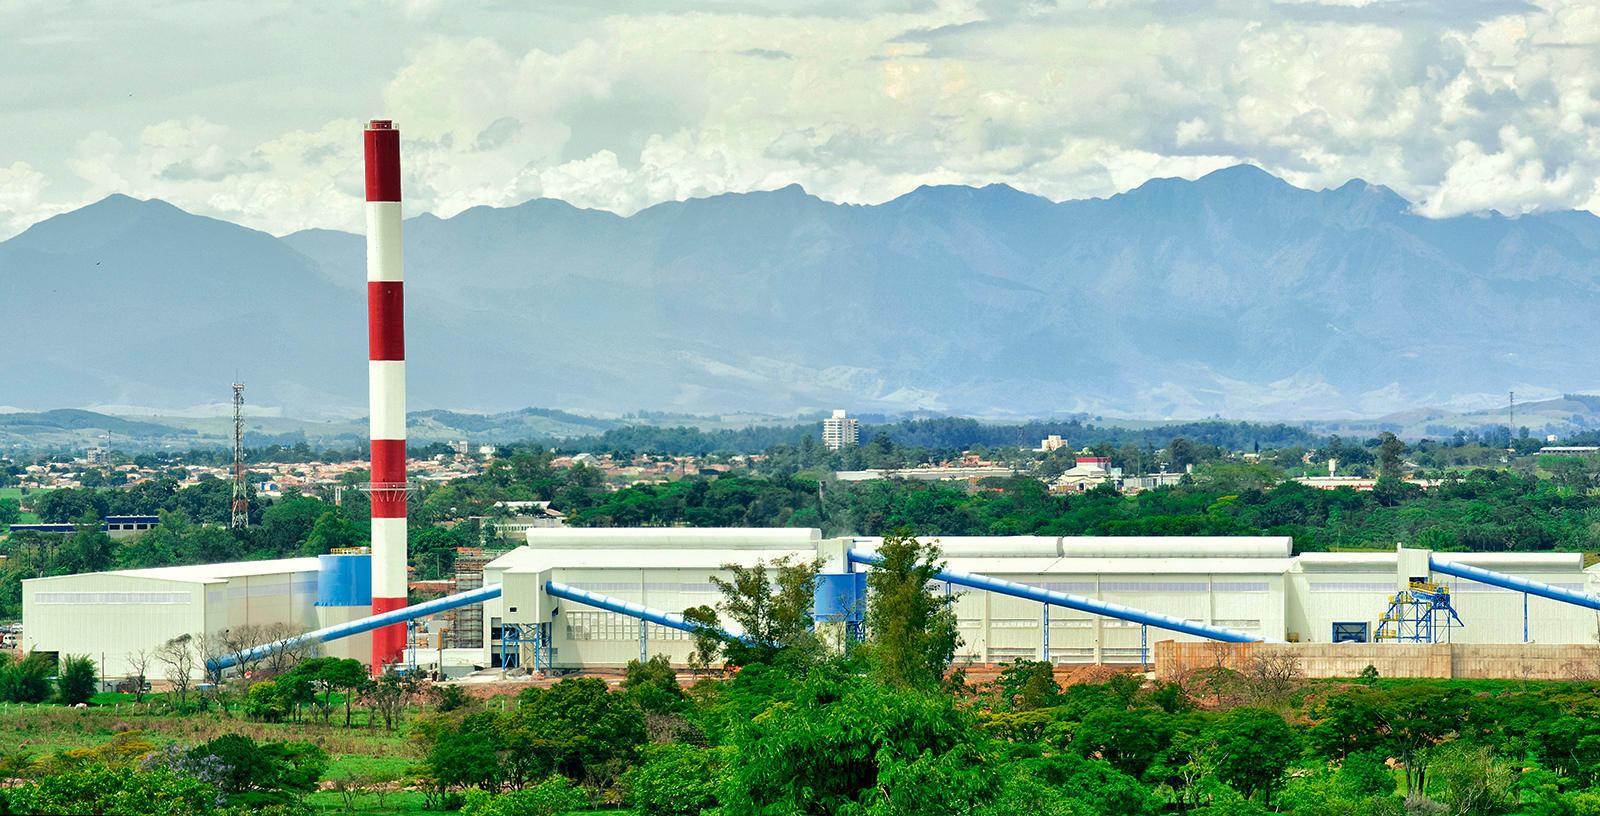 AGC_EPCM_Float_glass_plant_Brazil_04_IDOM